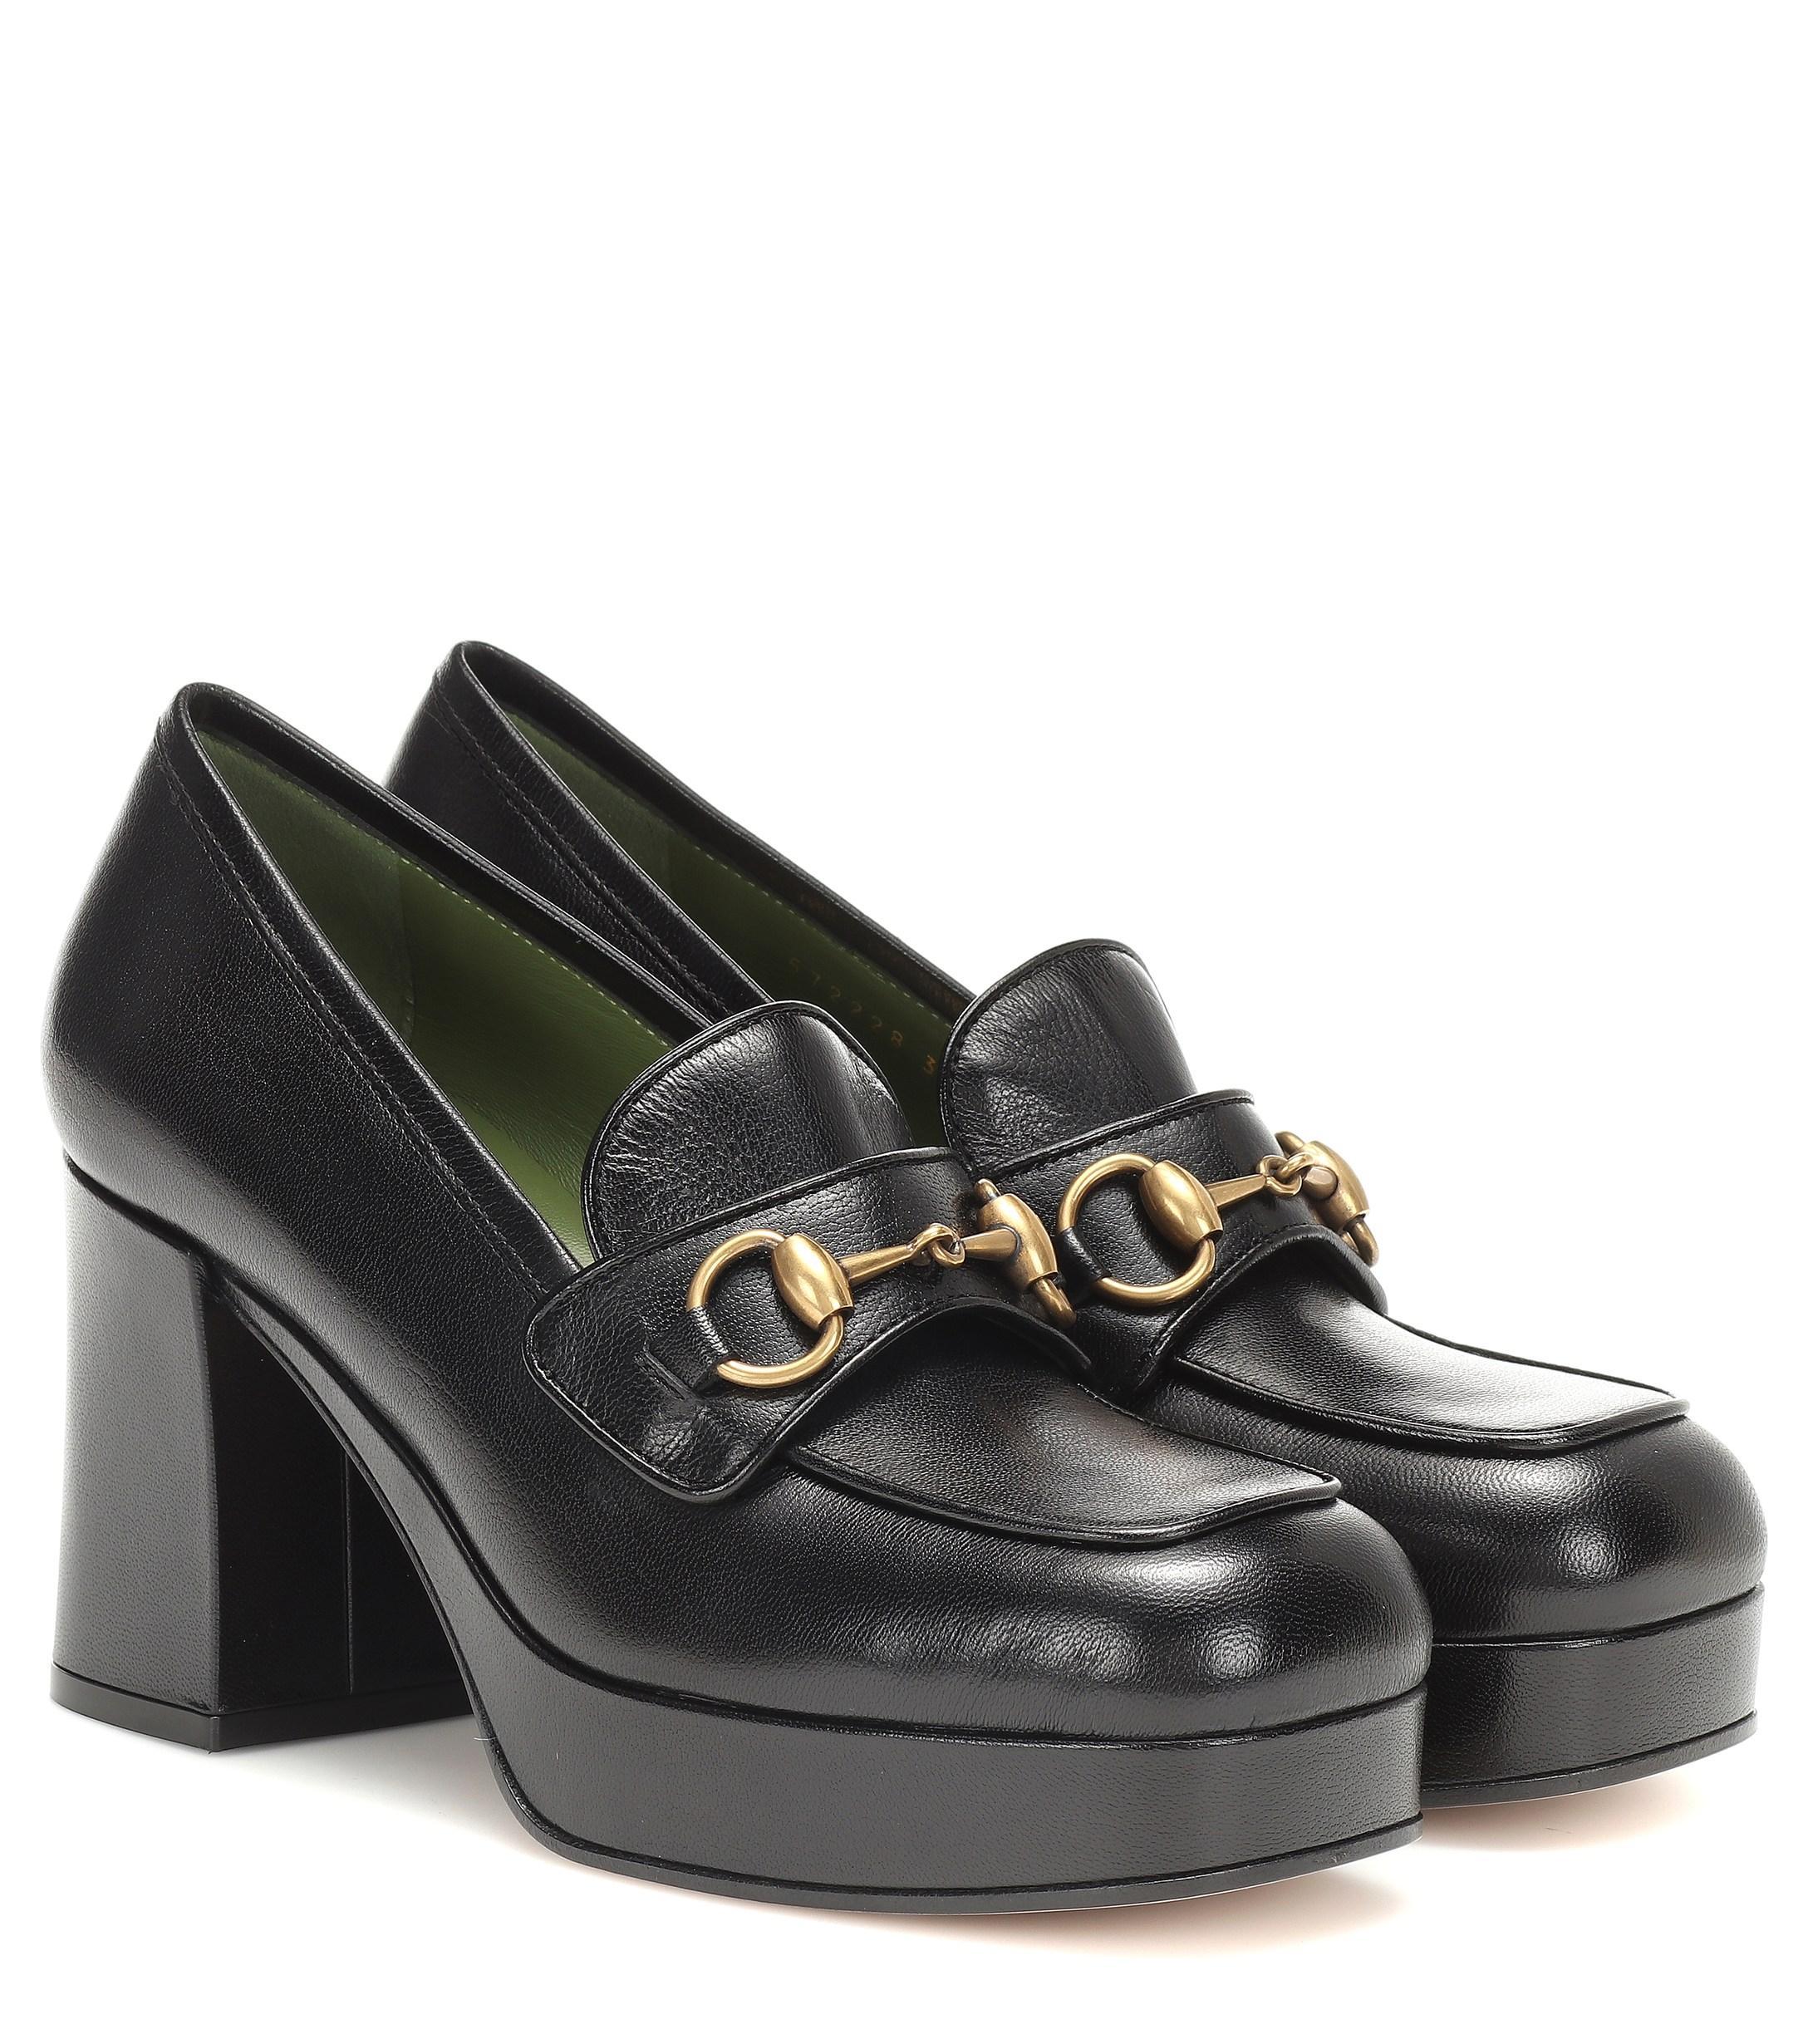 91d881d4e18 Gucci. Women s Black Horsebit Leather Loafer Court Shoes